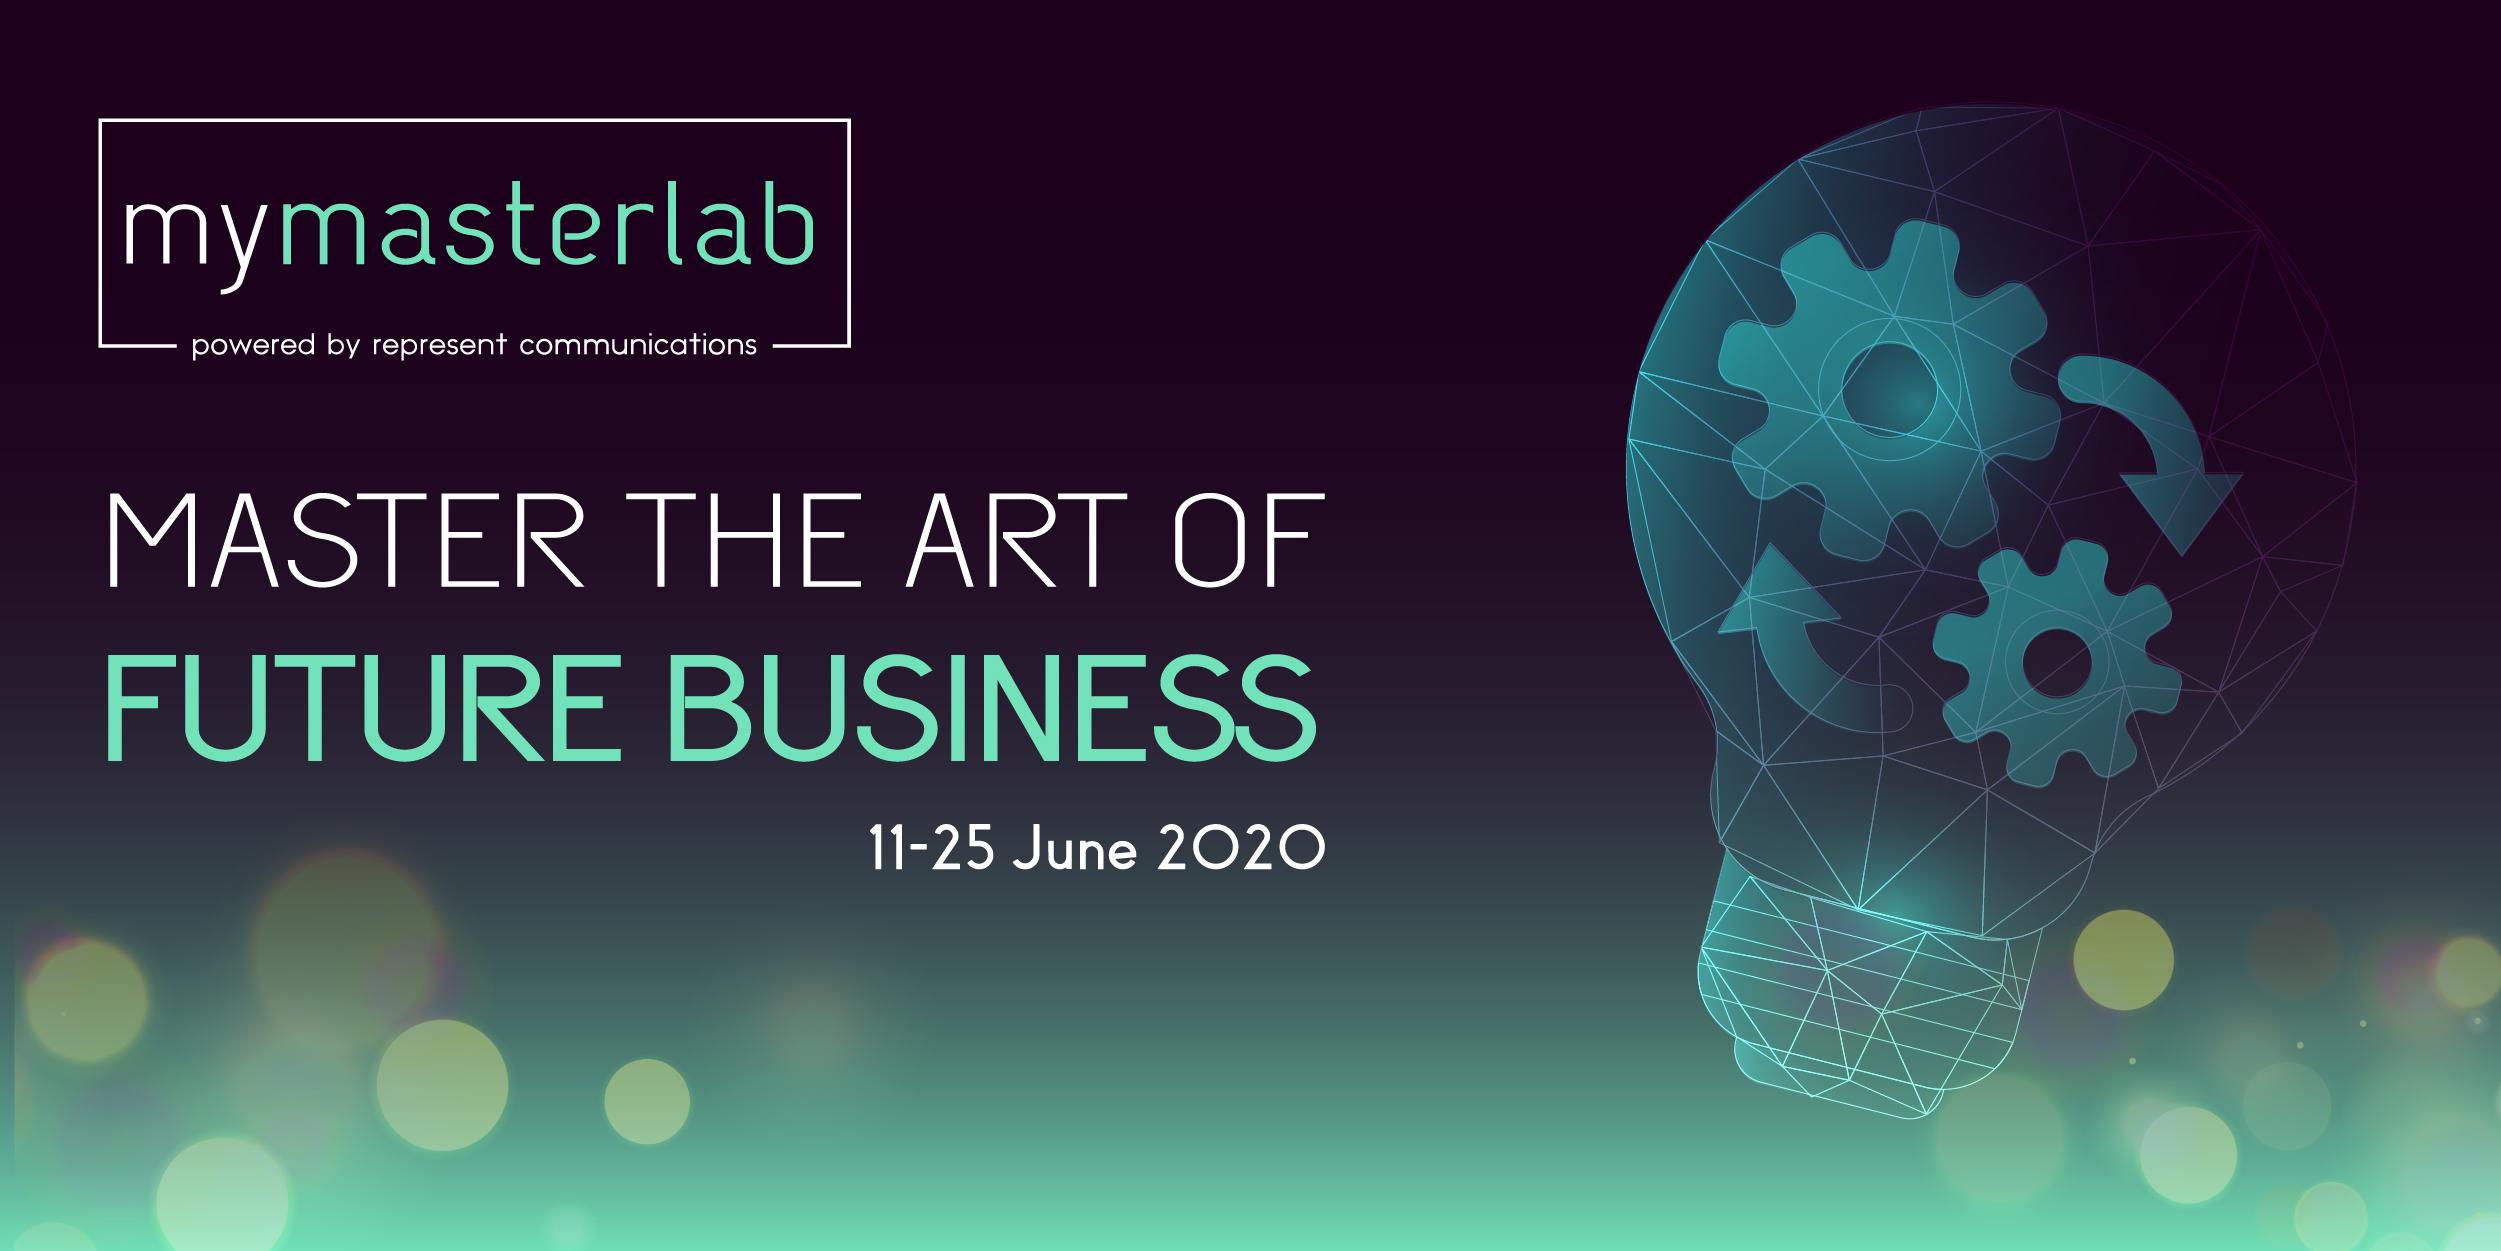 Нова платформа за вмрежување, менторство, едукација и развој на бизниси